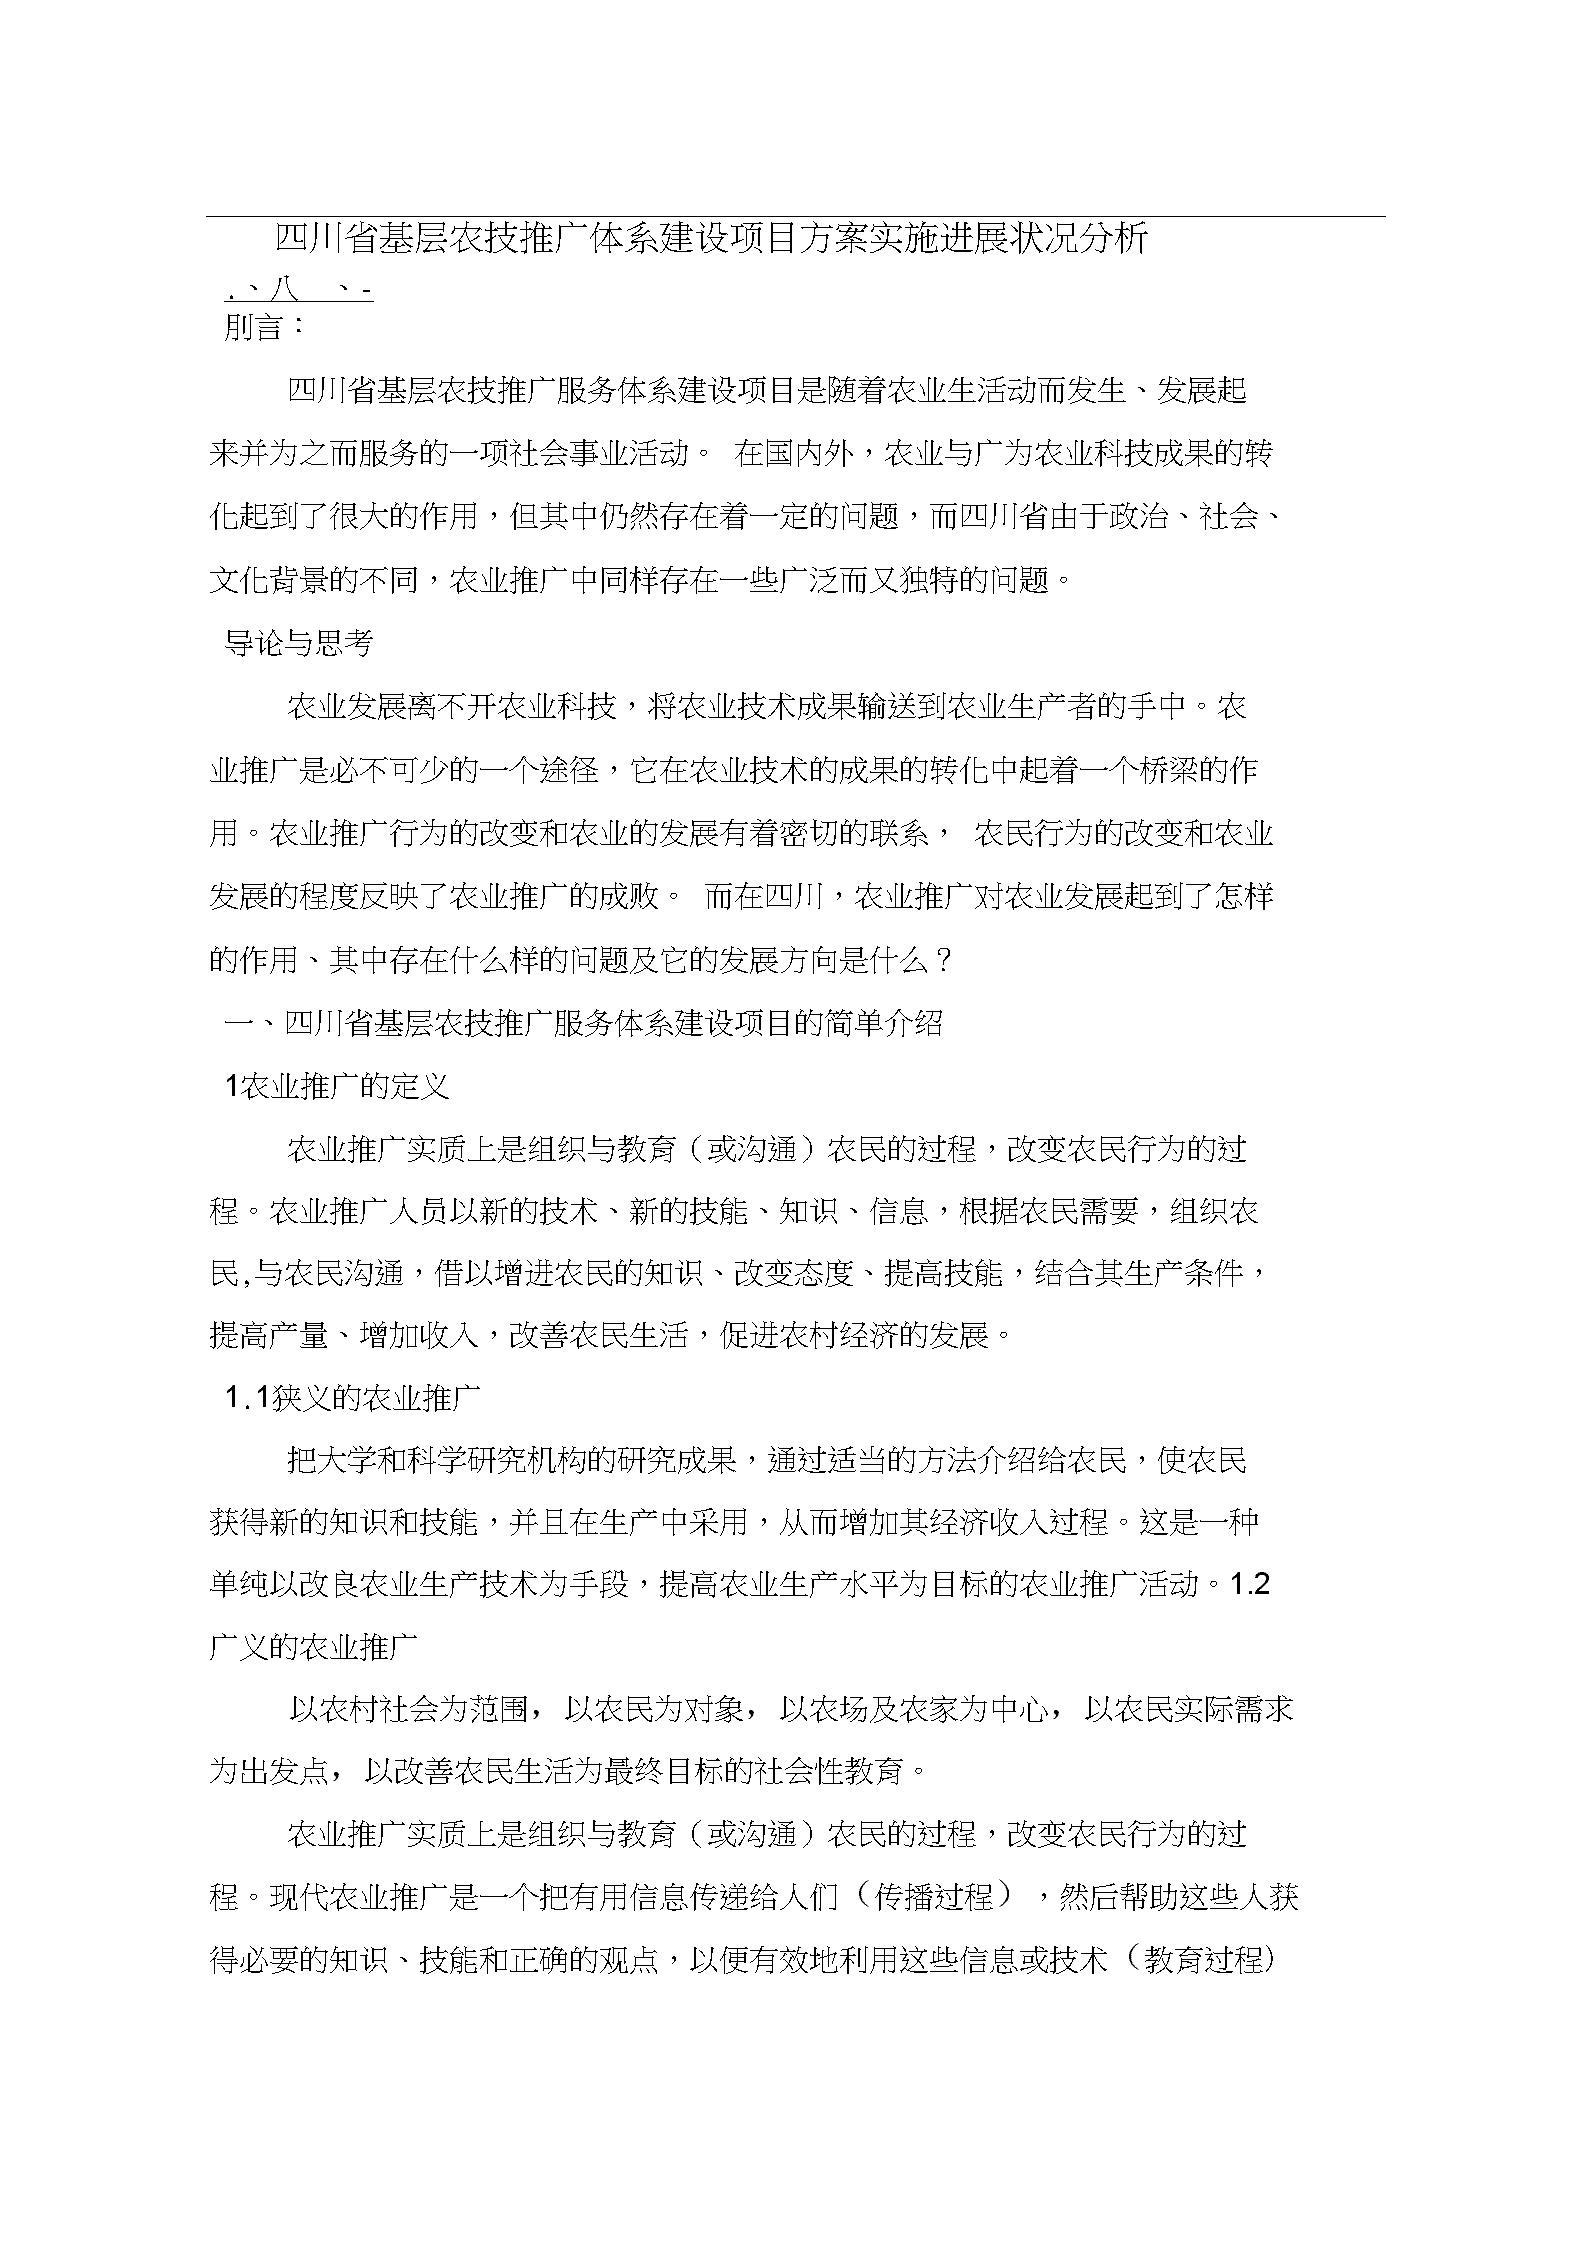 四川省基层农技推广体系建设项目方案实施进展状况分析.docx